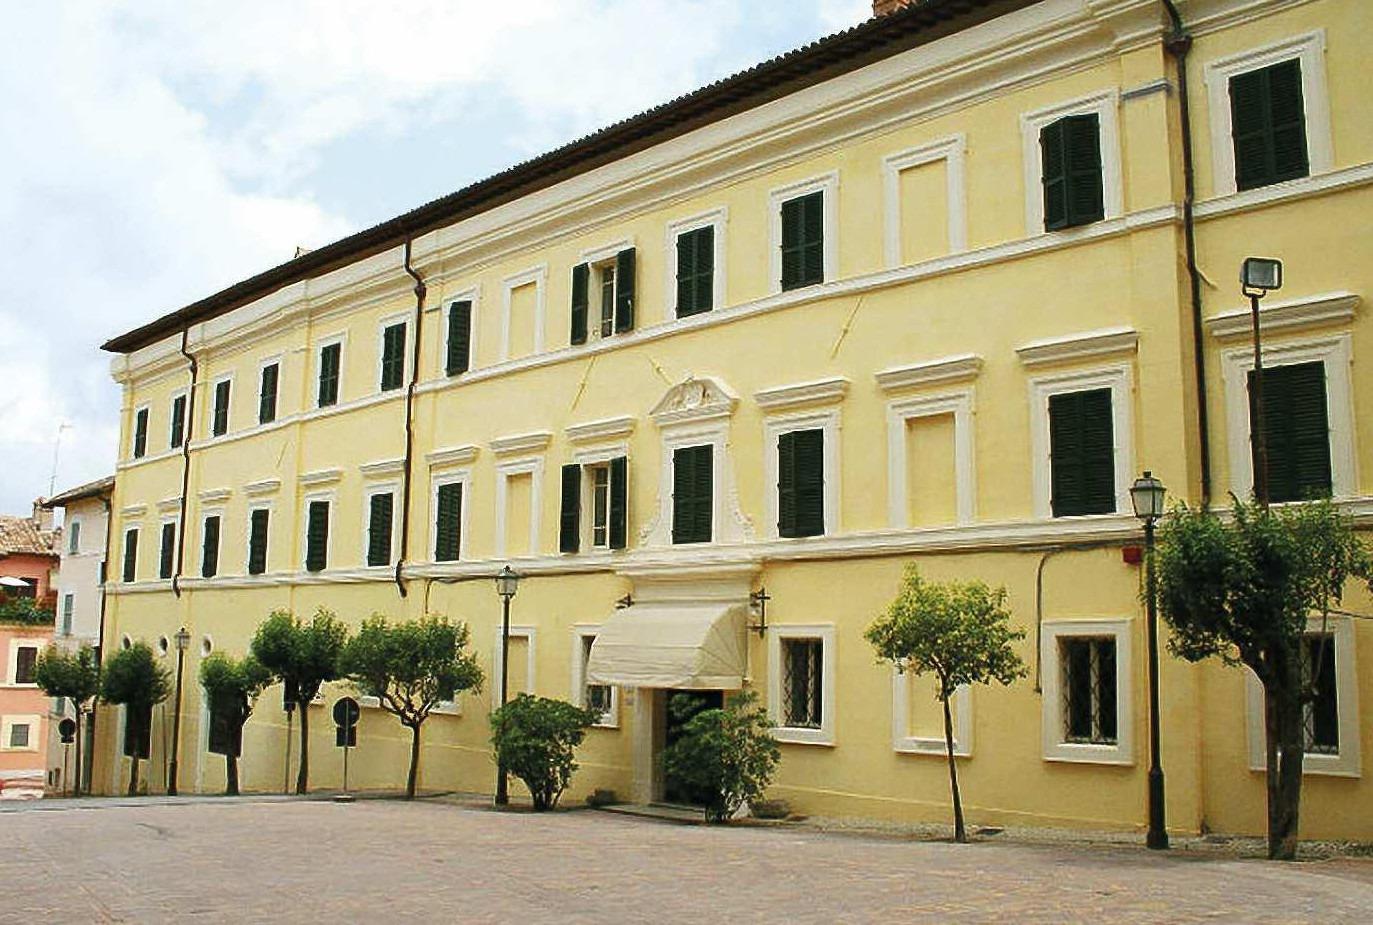 Albergo Duomo Umbria Viaggio Nella Storia